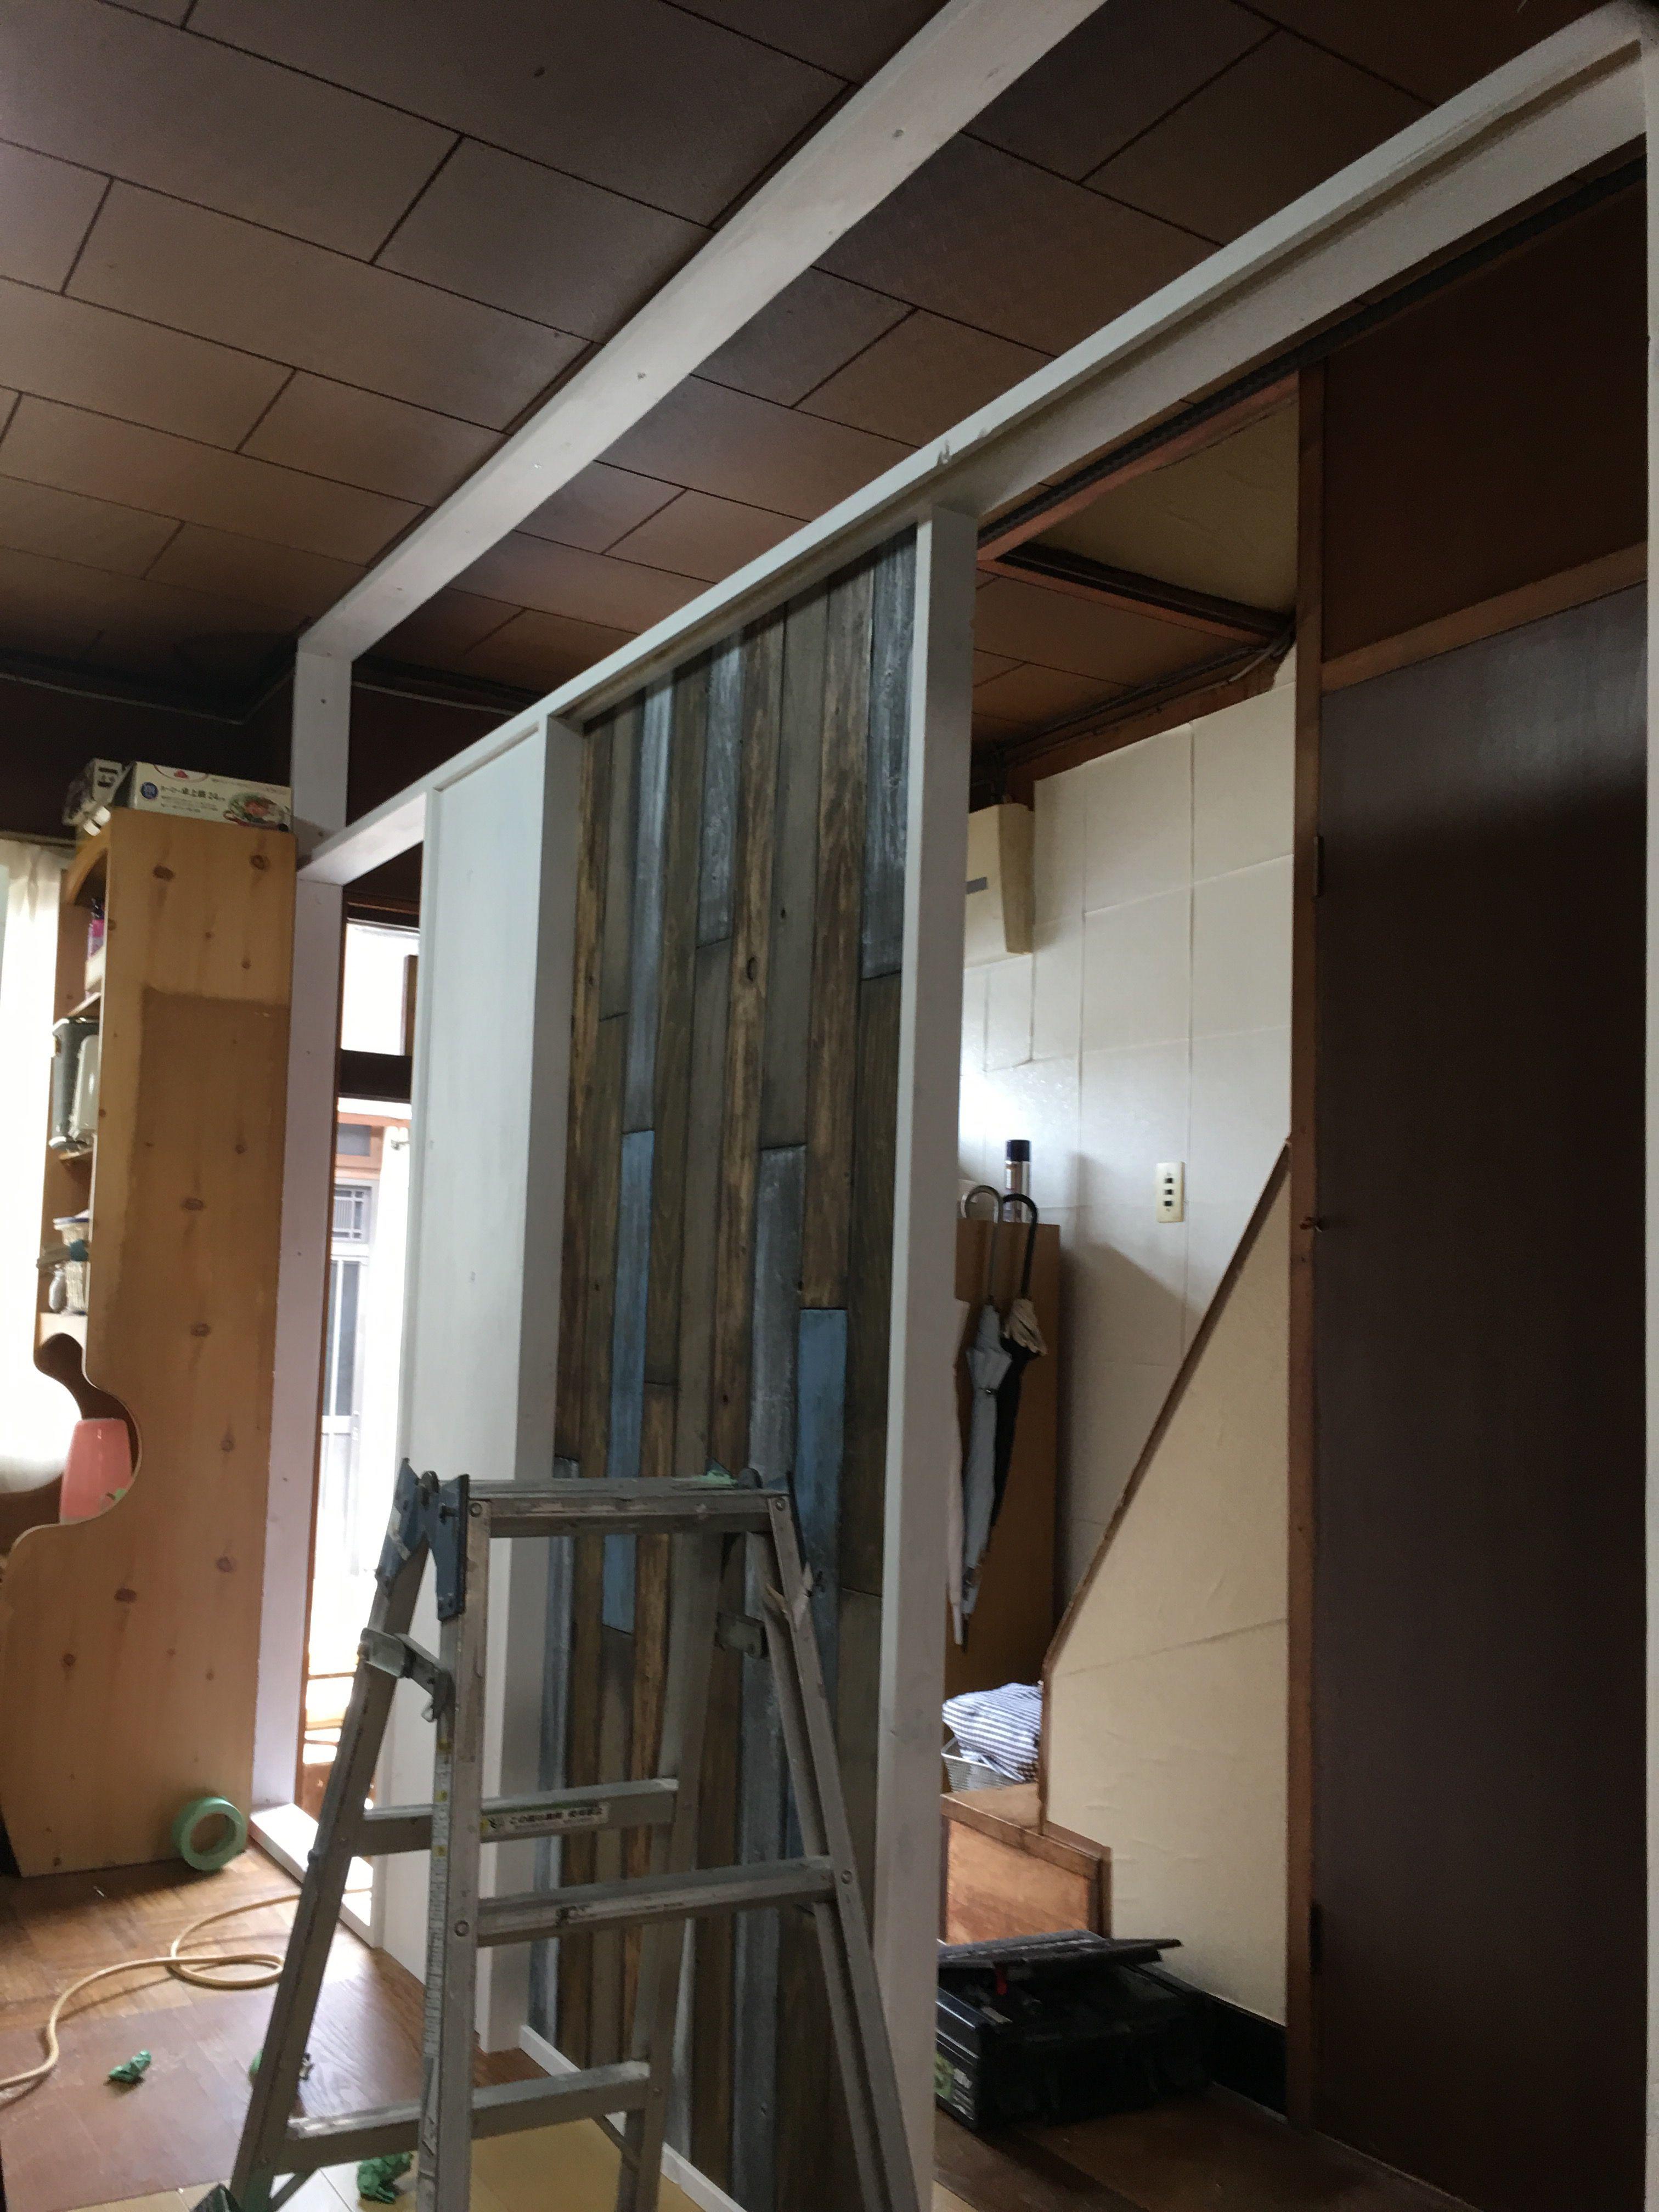 格安材料で作る Diy間仕切り壁part3 間仕切り壁 間仕切り 壁